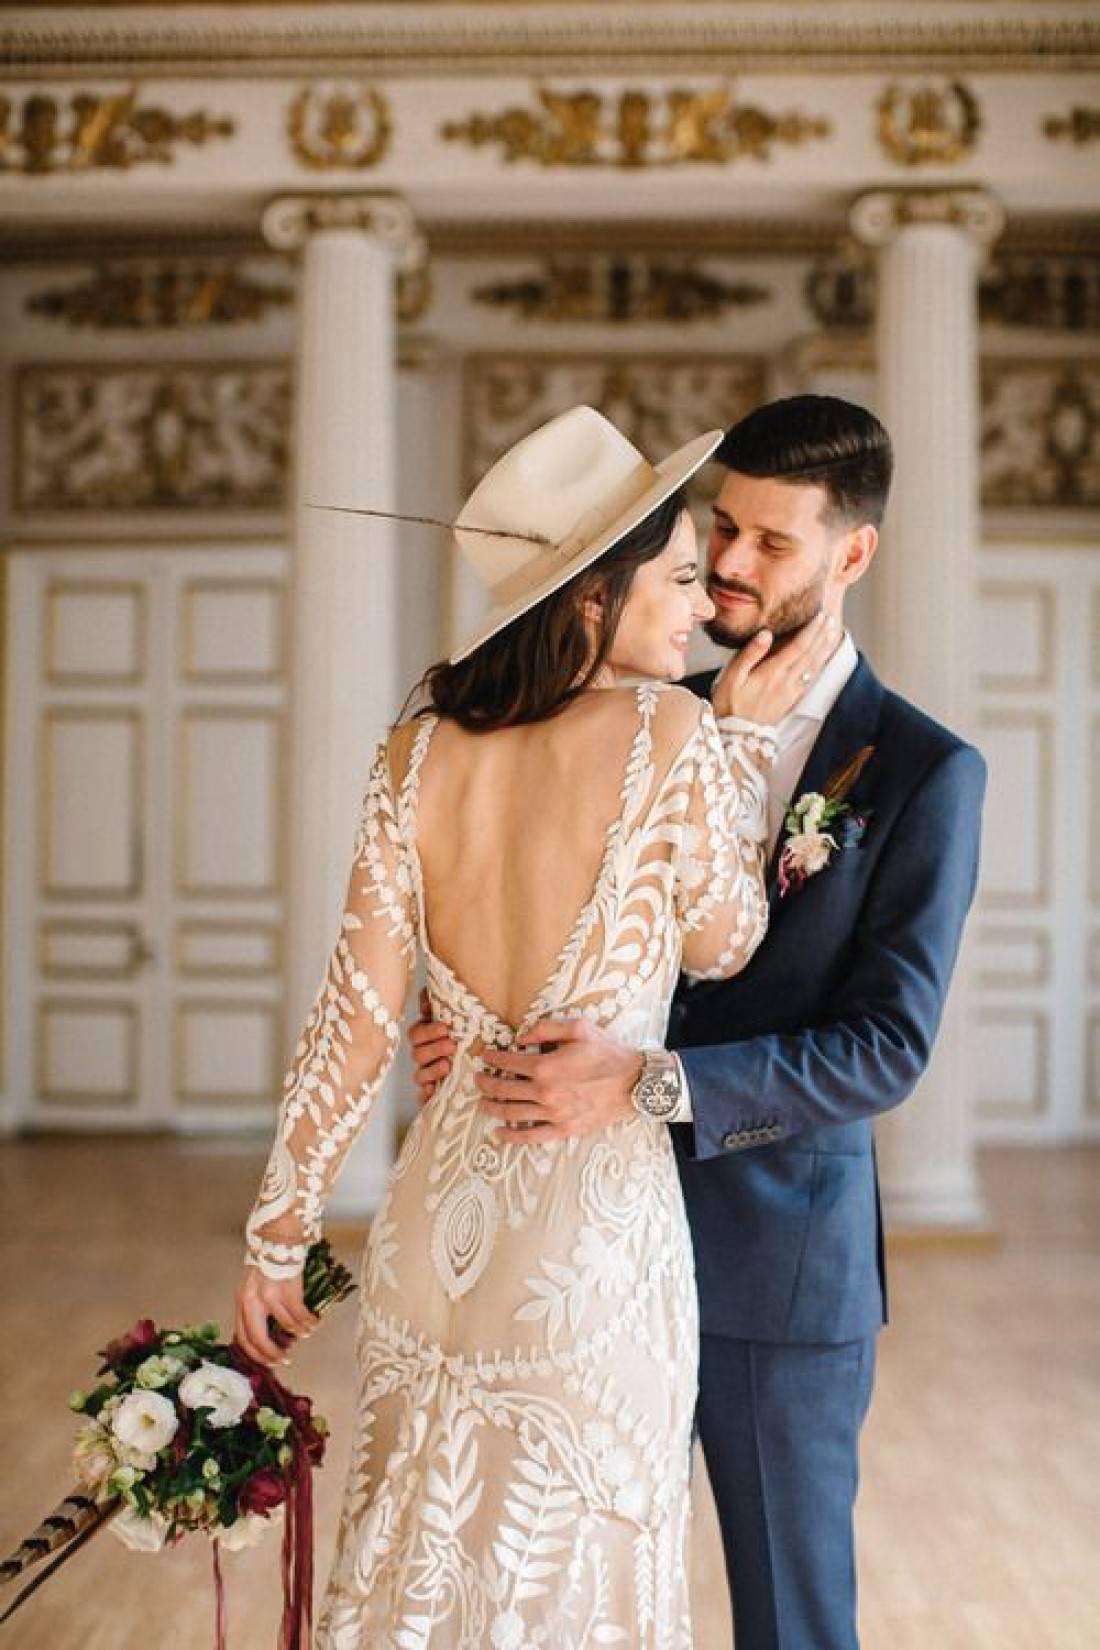 Хорошие дни для свадьбы в 2020 году. самый полный список